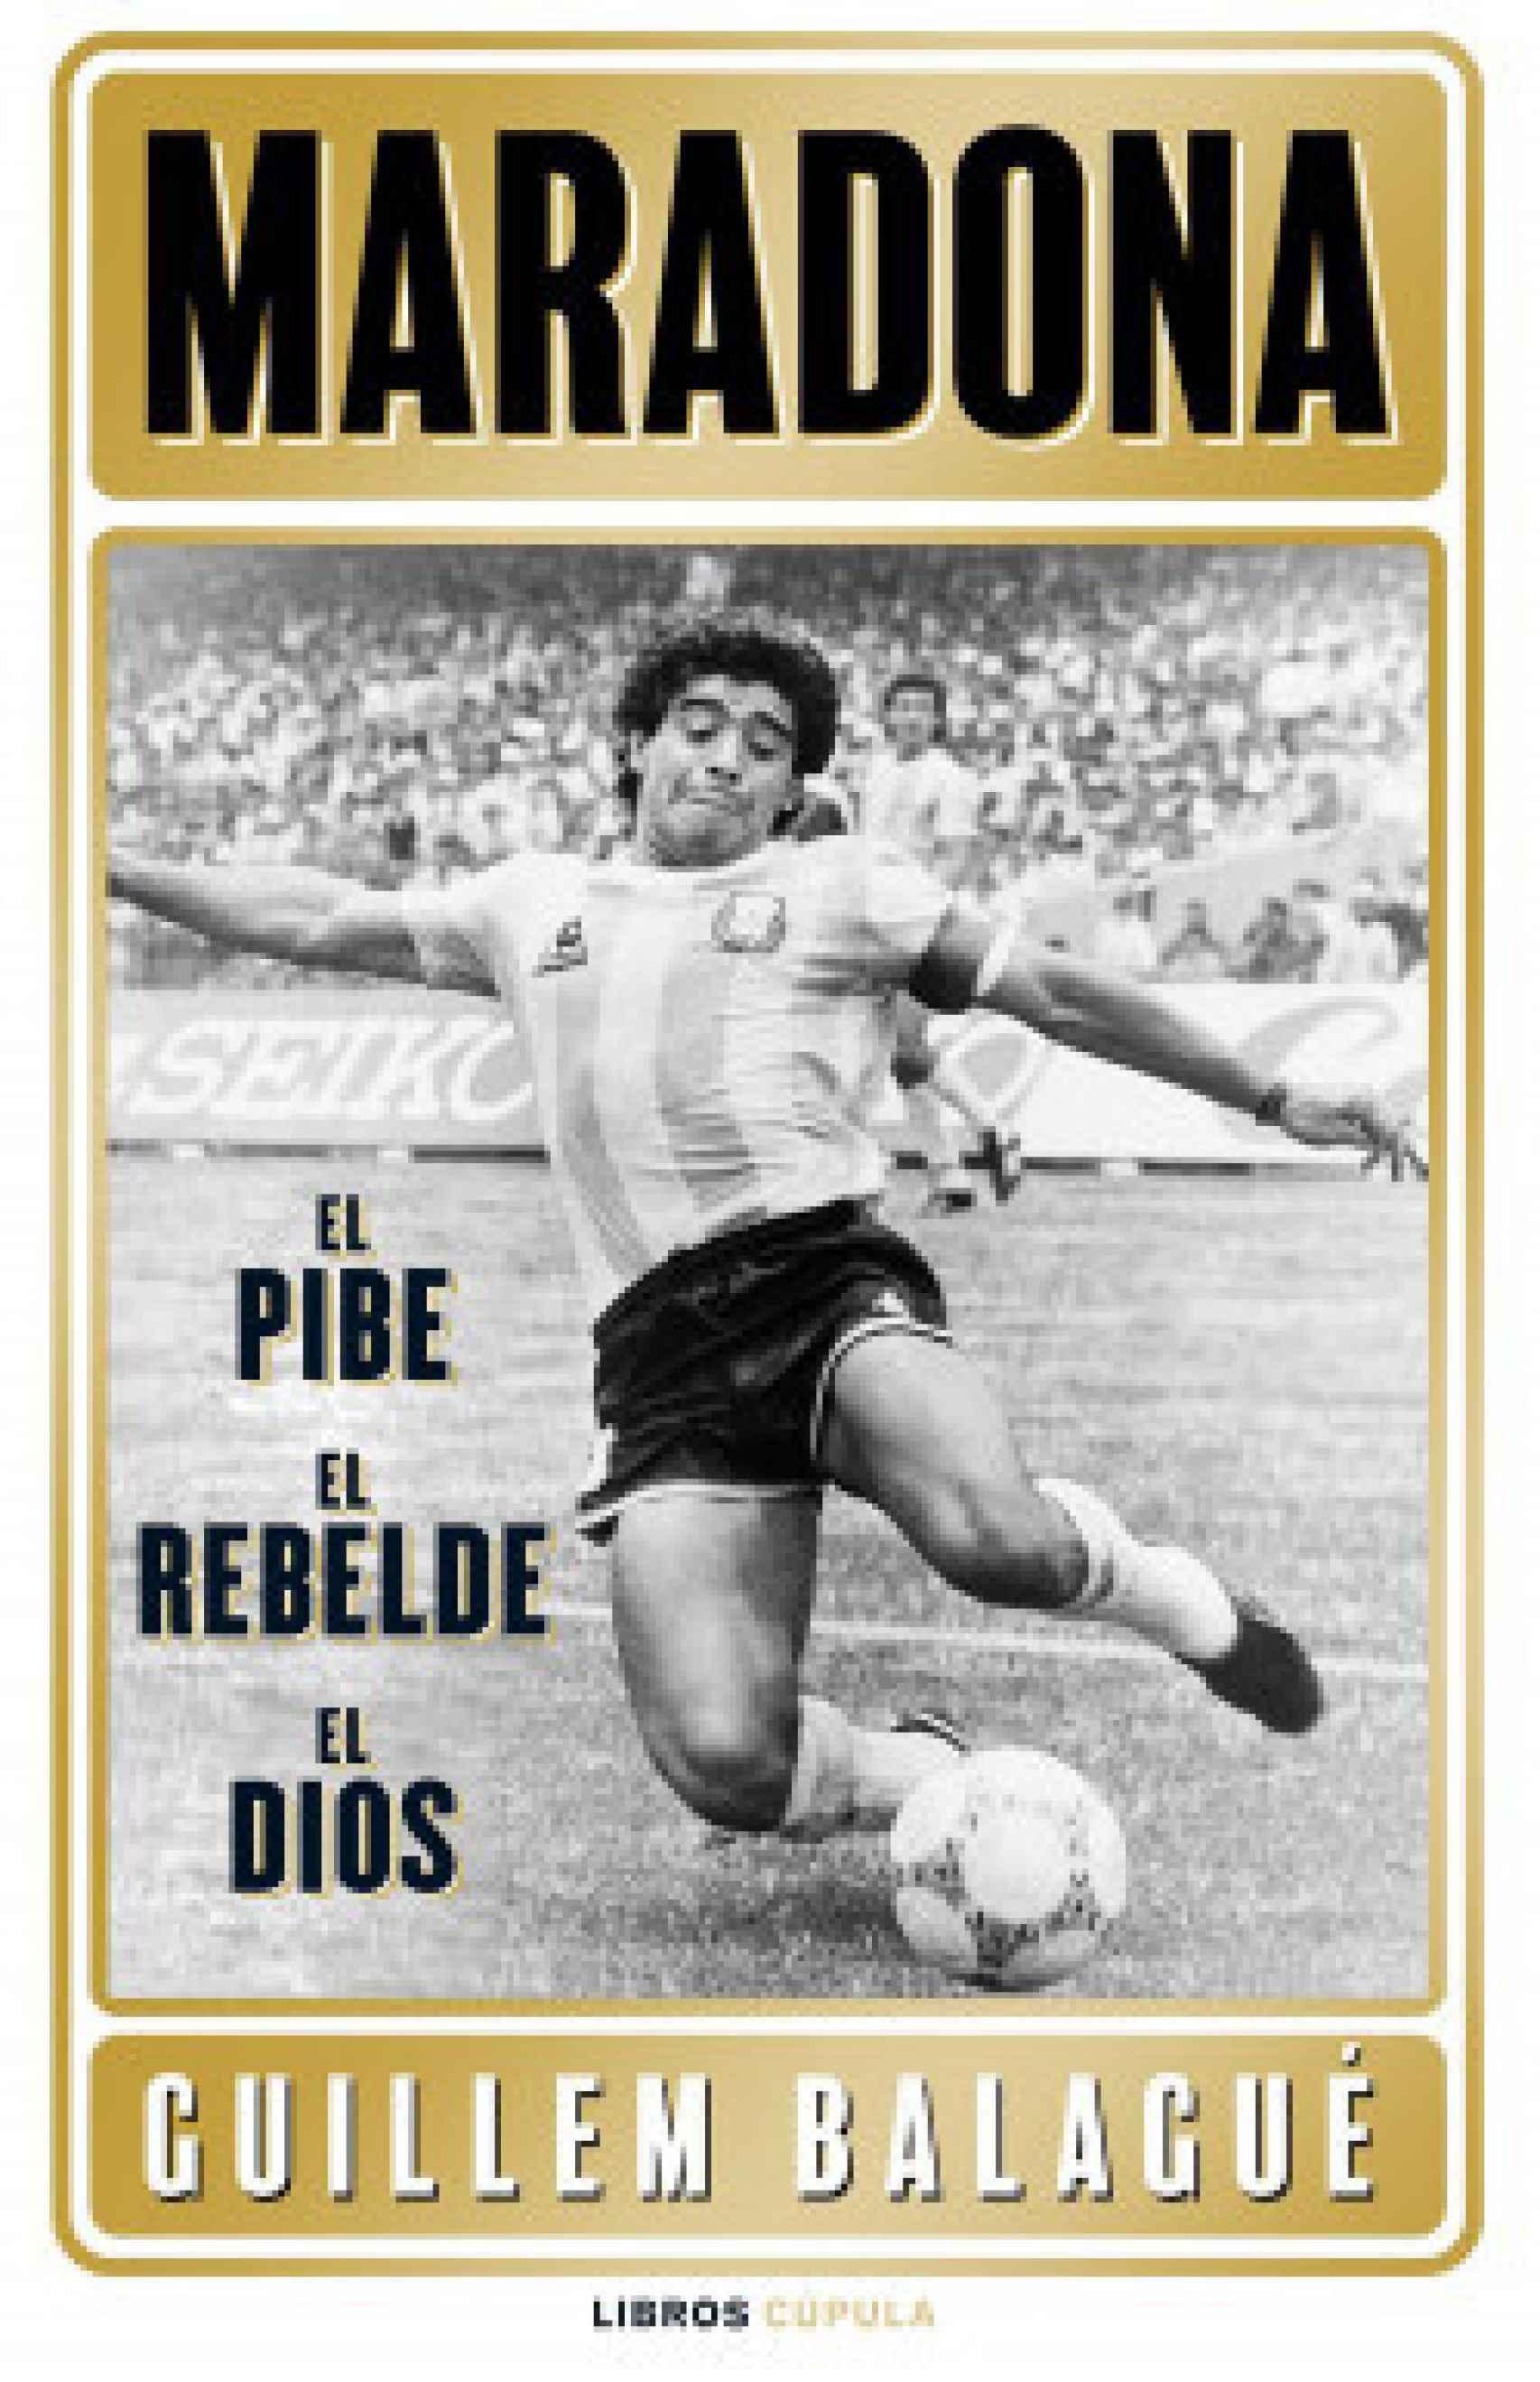 Portada del libro 'Maradona: el pibe, el héroe, el dios'